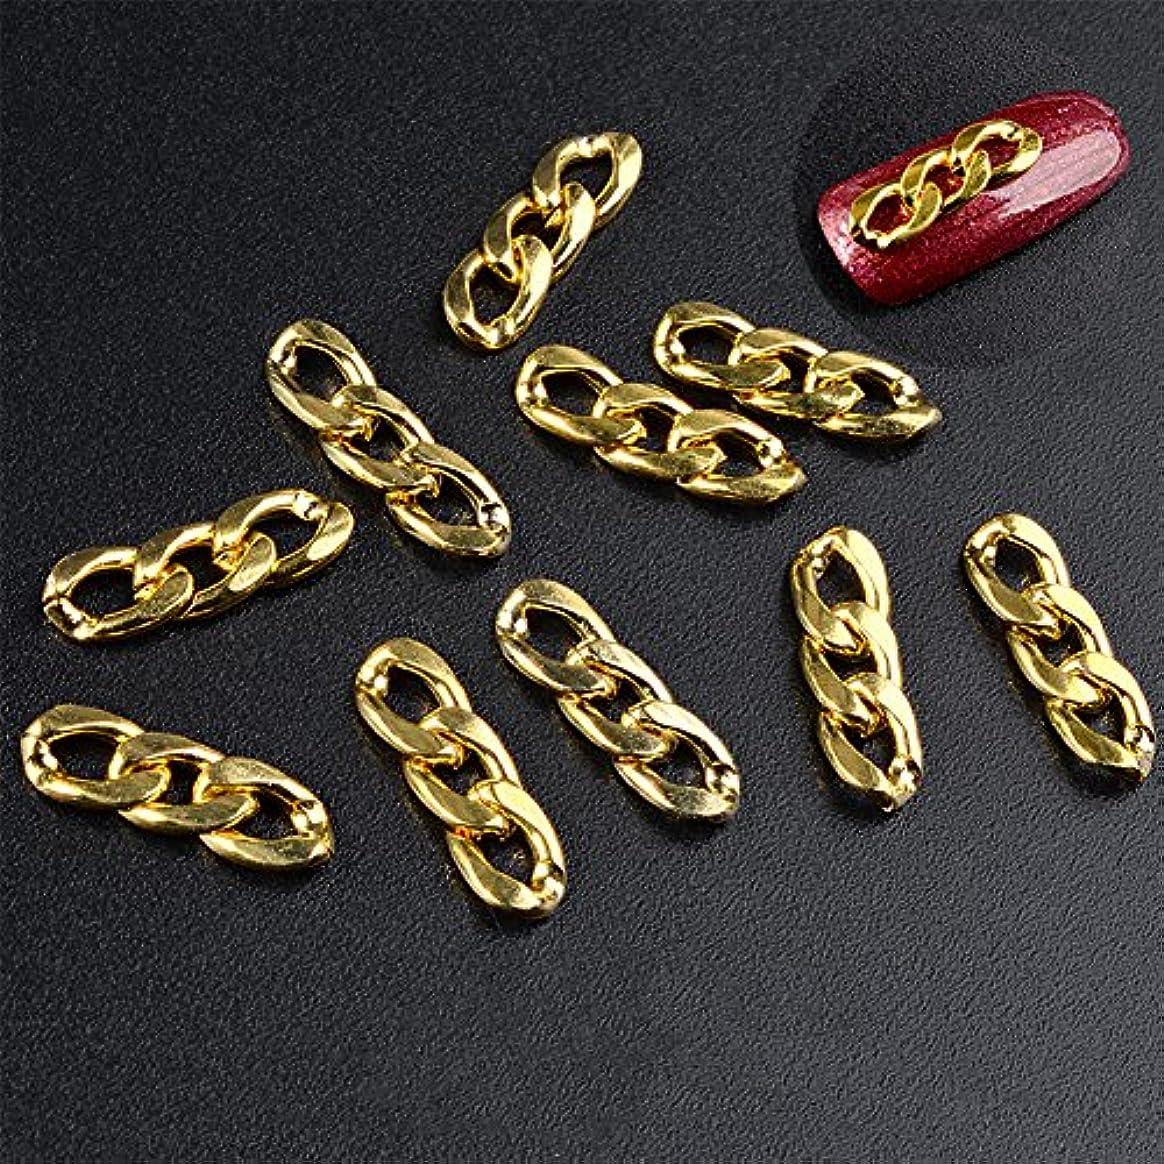 ウールうねる自体ACHICOO ネイルアートチェーン 10PCS シャイニー 装飾 マニキュア供給 メイクアップ ゴールド